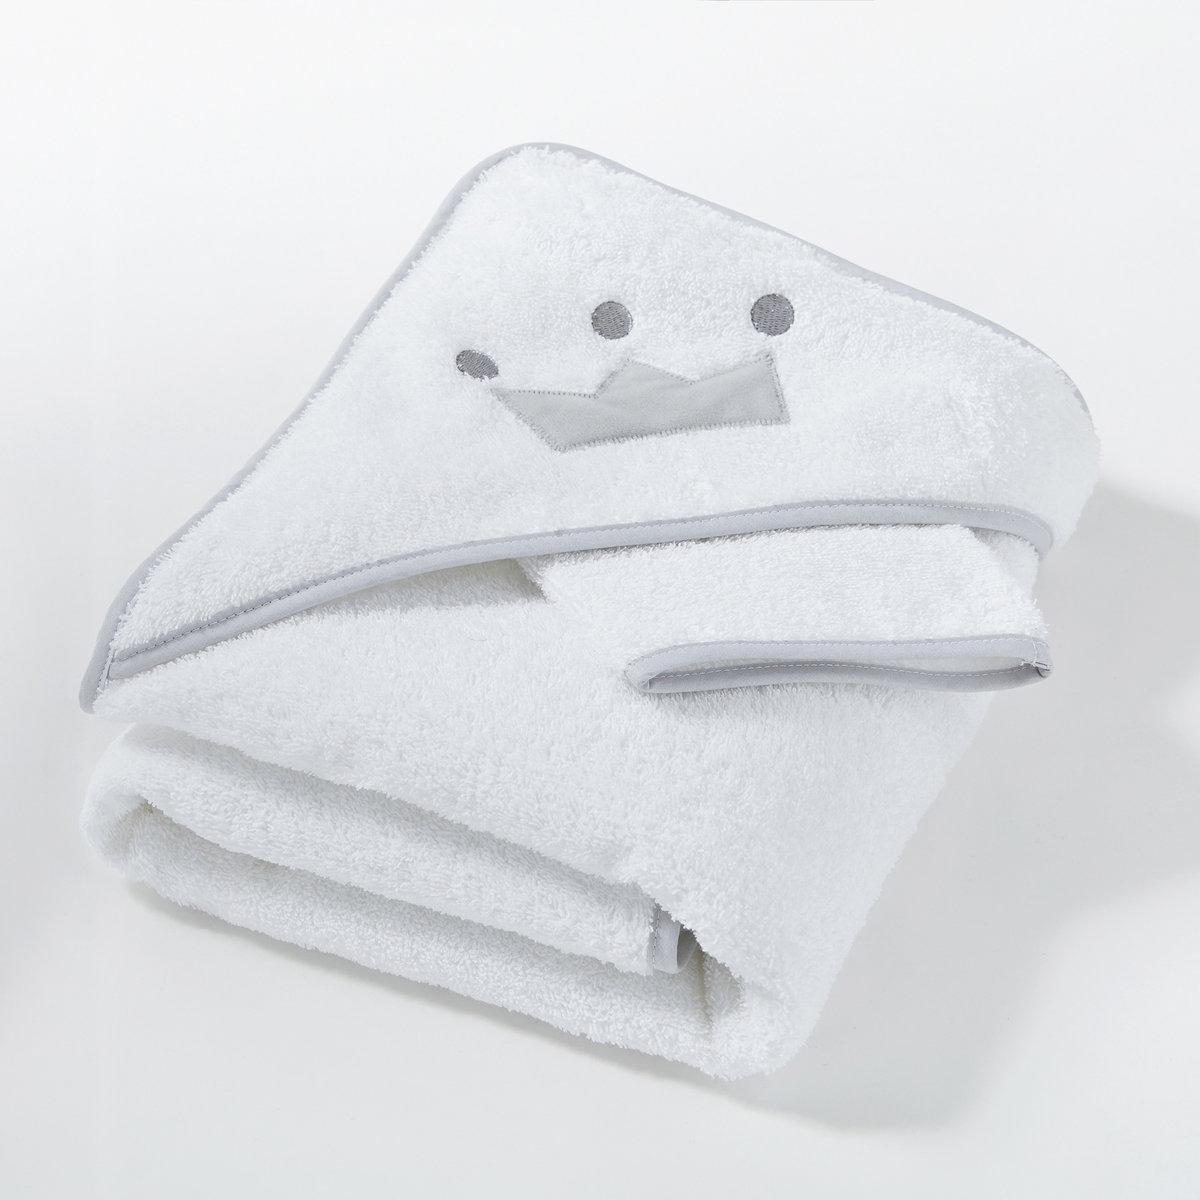 Банная накидка и рукавичка AU LIT MON PETIT DOUDOUБанная накидка и рукавичка: накидка с вышитым узором в виде короны на капюшоне, мягкая и пышная, заботливо укутает малыша после душа. Прекрасная идея подарка на рождение ребёнка.                                                         Описание банной накидки и рукавички Au lit mon petit doudou: Банная накидка и рукавичка: отделка контрастной бейкой.Машинная стирка при 60°.2 размера на выбор: 70x70 или 100x100 см.Характеристика накидки и рукавички: Махровая ткань из 100% хлопка, 420 г/м?.Весь комплект банного текстиля для малышей вы можете найти на laredoute.ru.<br><br>Цвет: белый/ серый